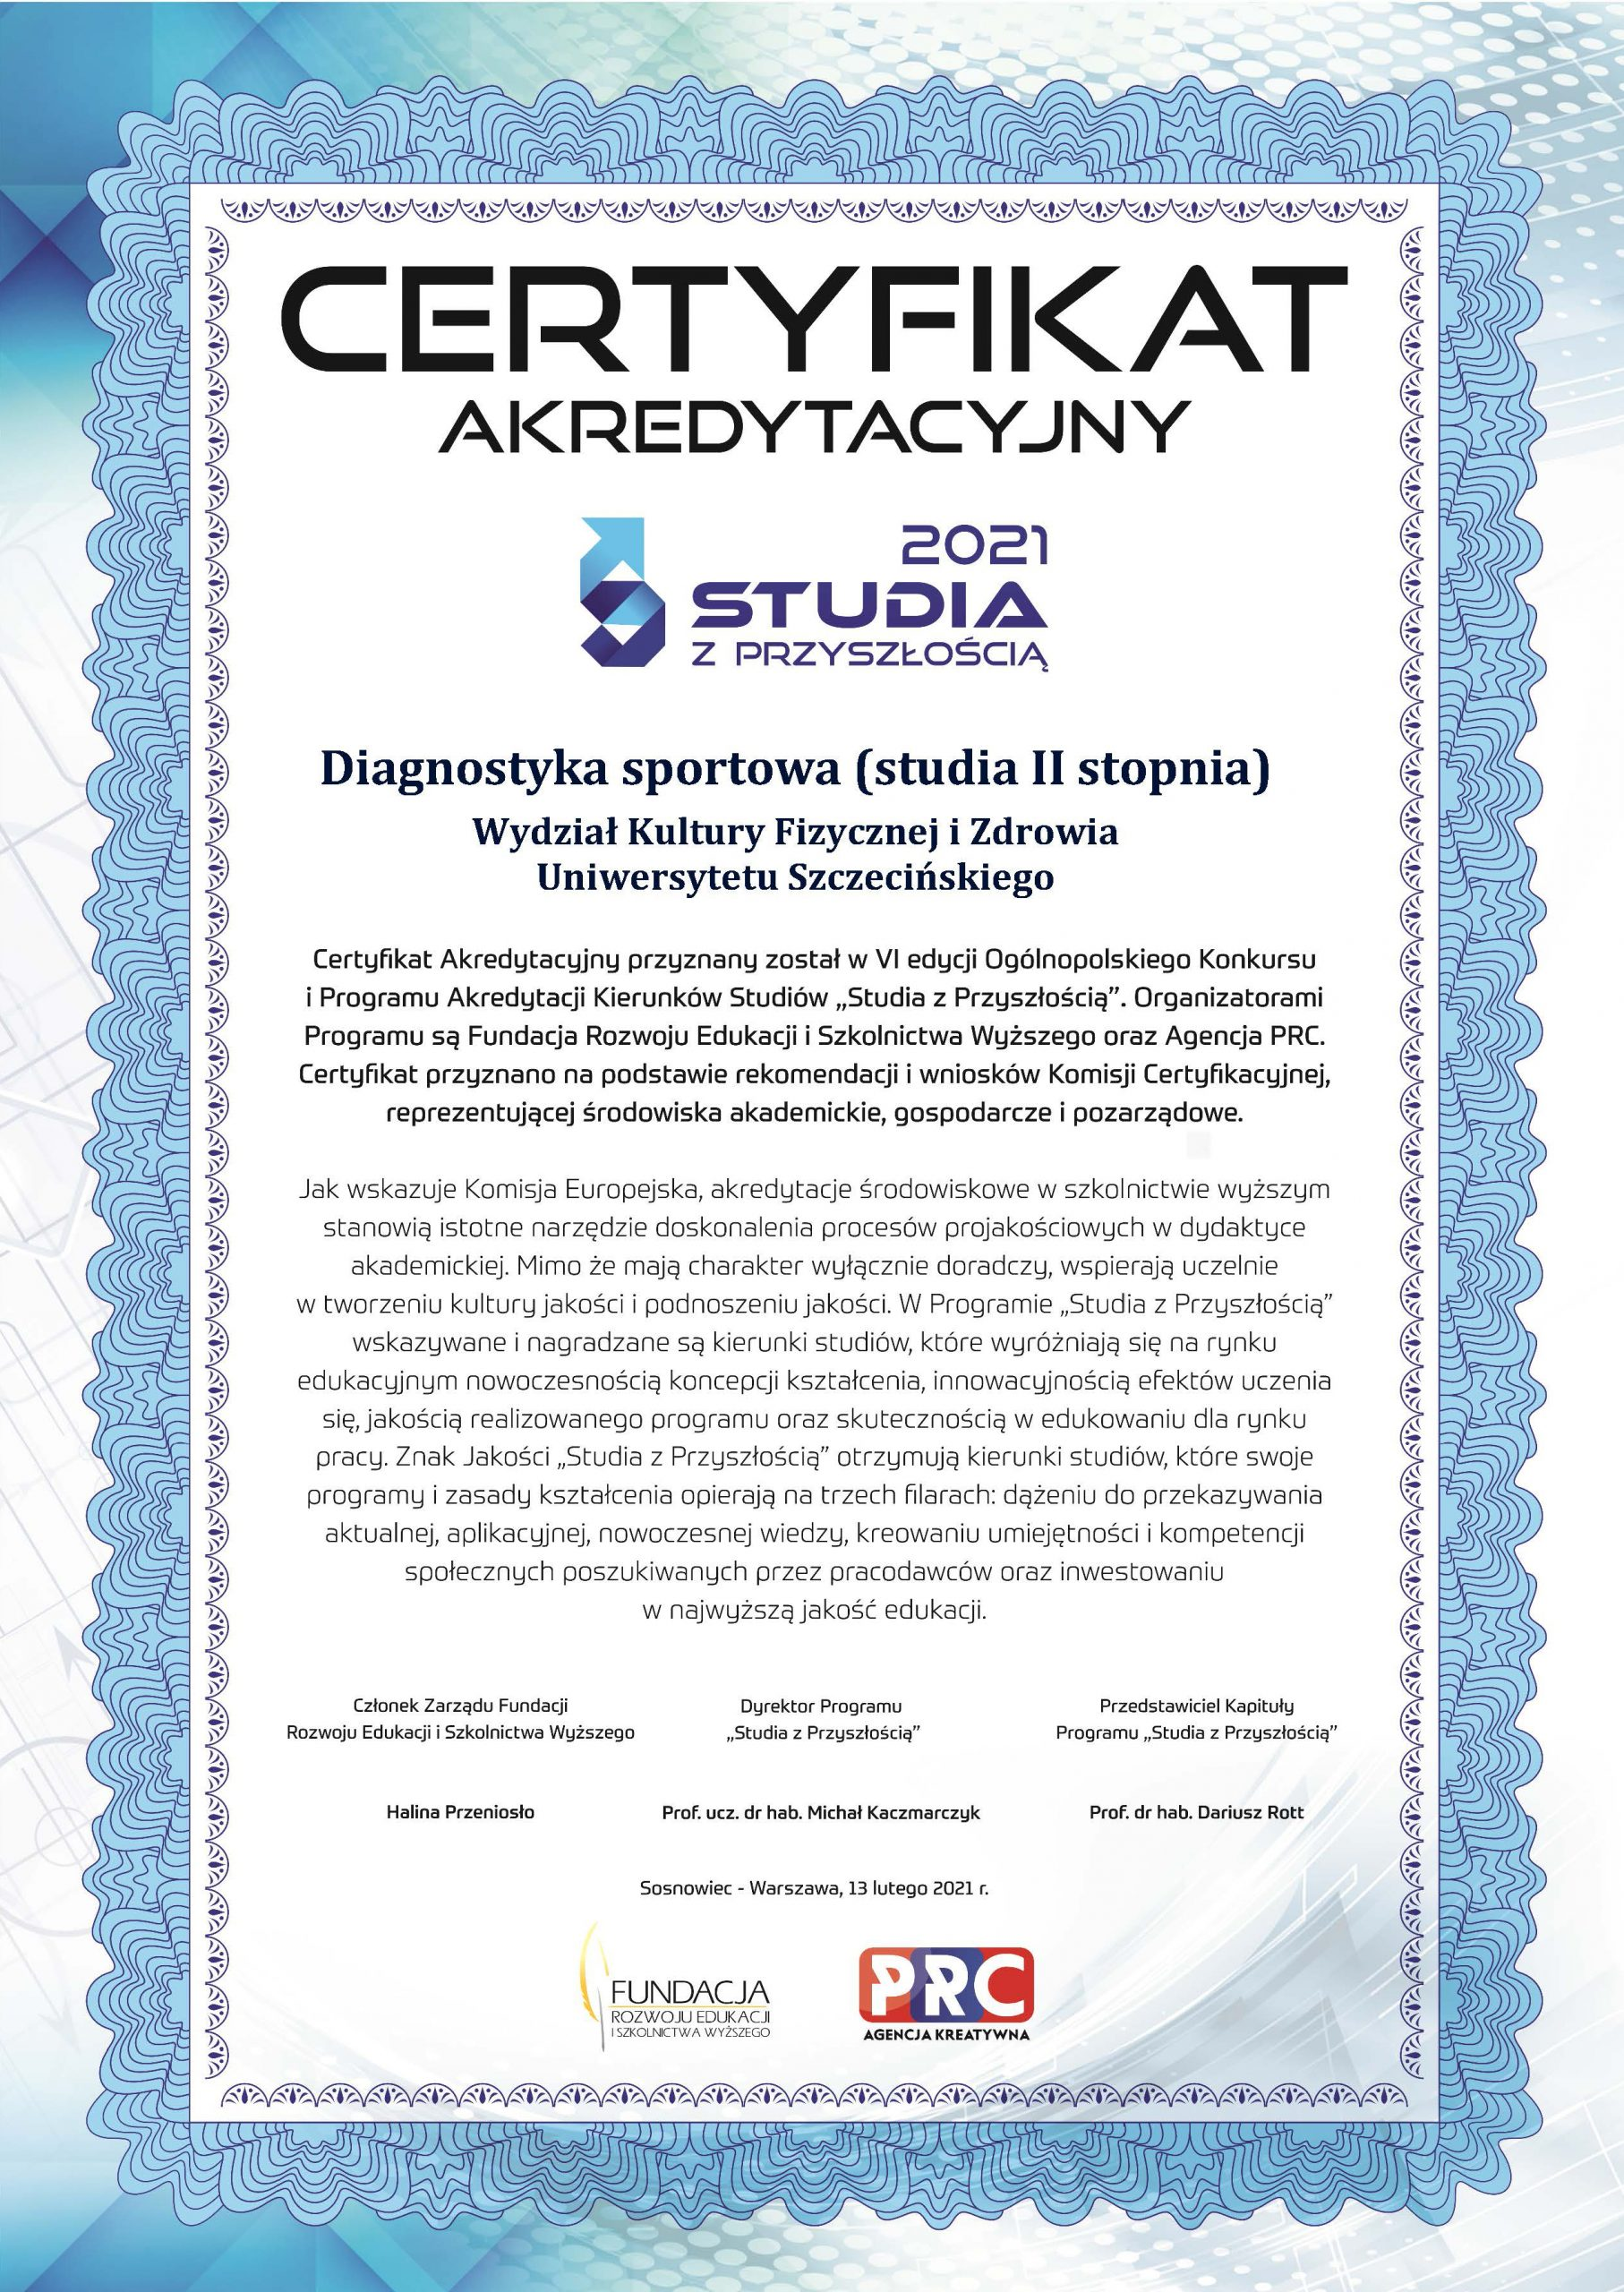 Certyfikat akredytacyjny dla kierunku studiów DIAGNOSTYKA SPORTOWA (studia II stopnia)